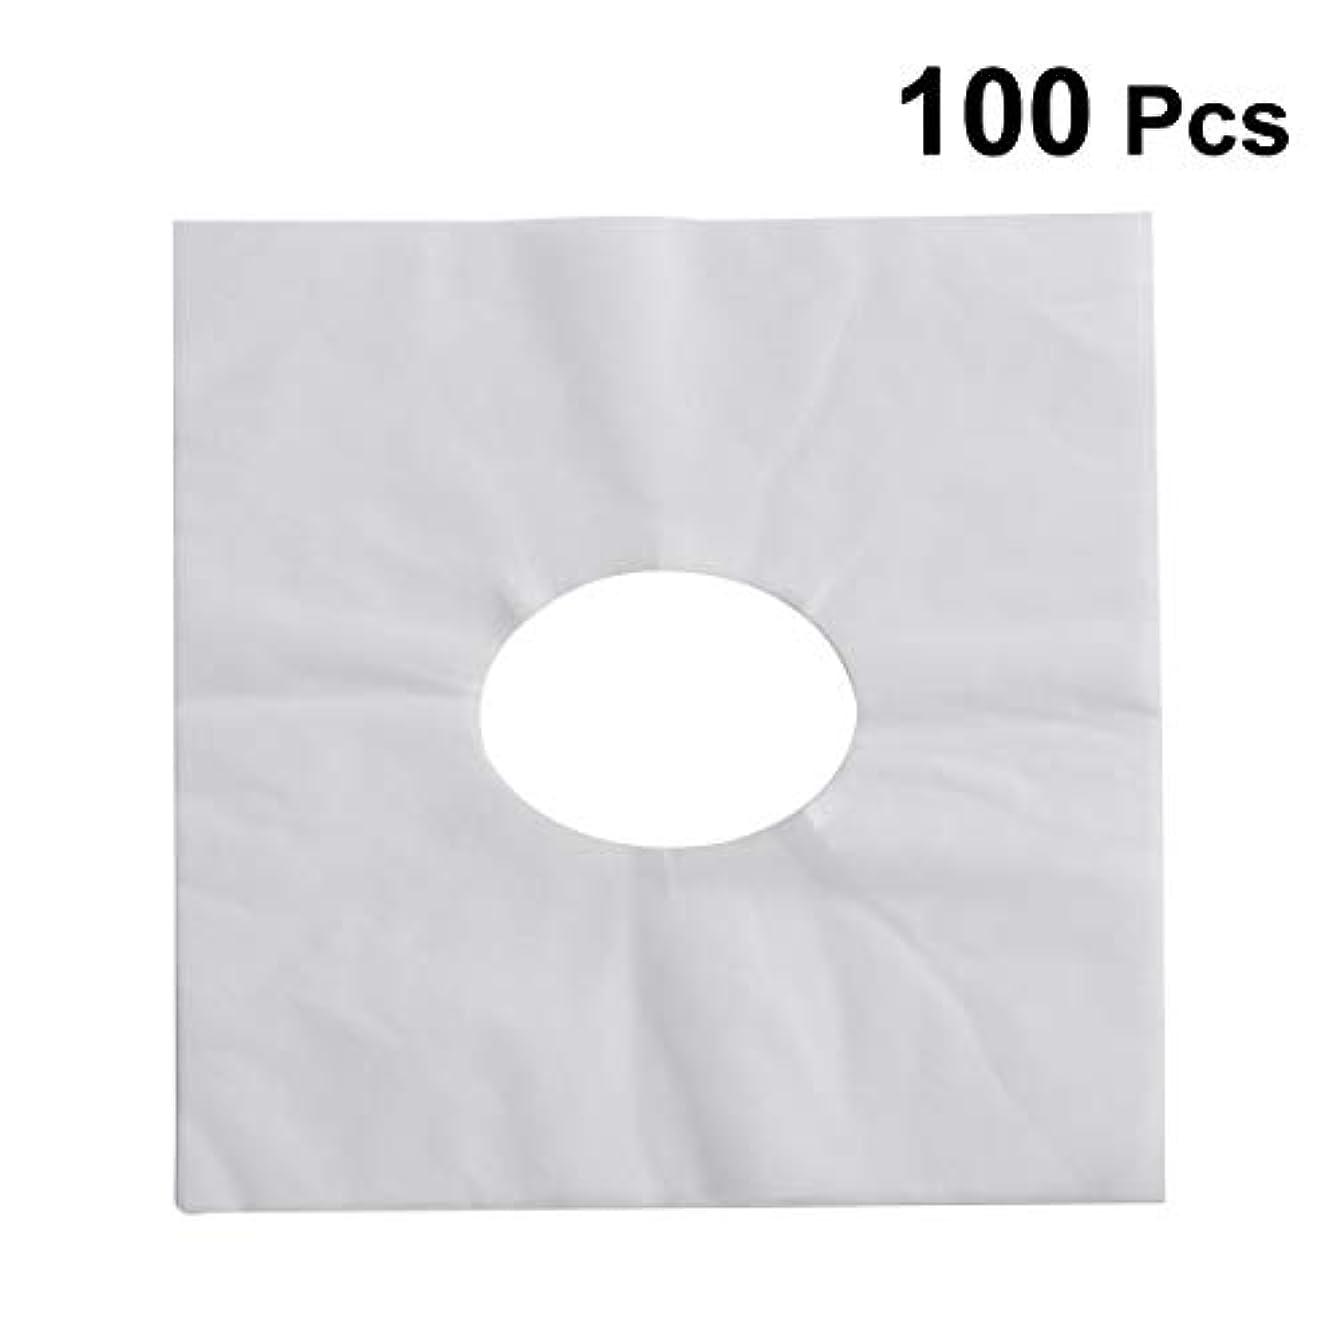 思慮深いサスティーン刺繍HEALIFTY 使い捨てフェイスカバーパッドフェイスホールピロークッションマットSPA 100個入(ホワイト)